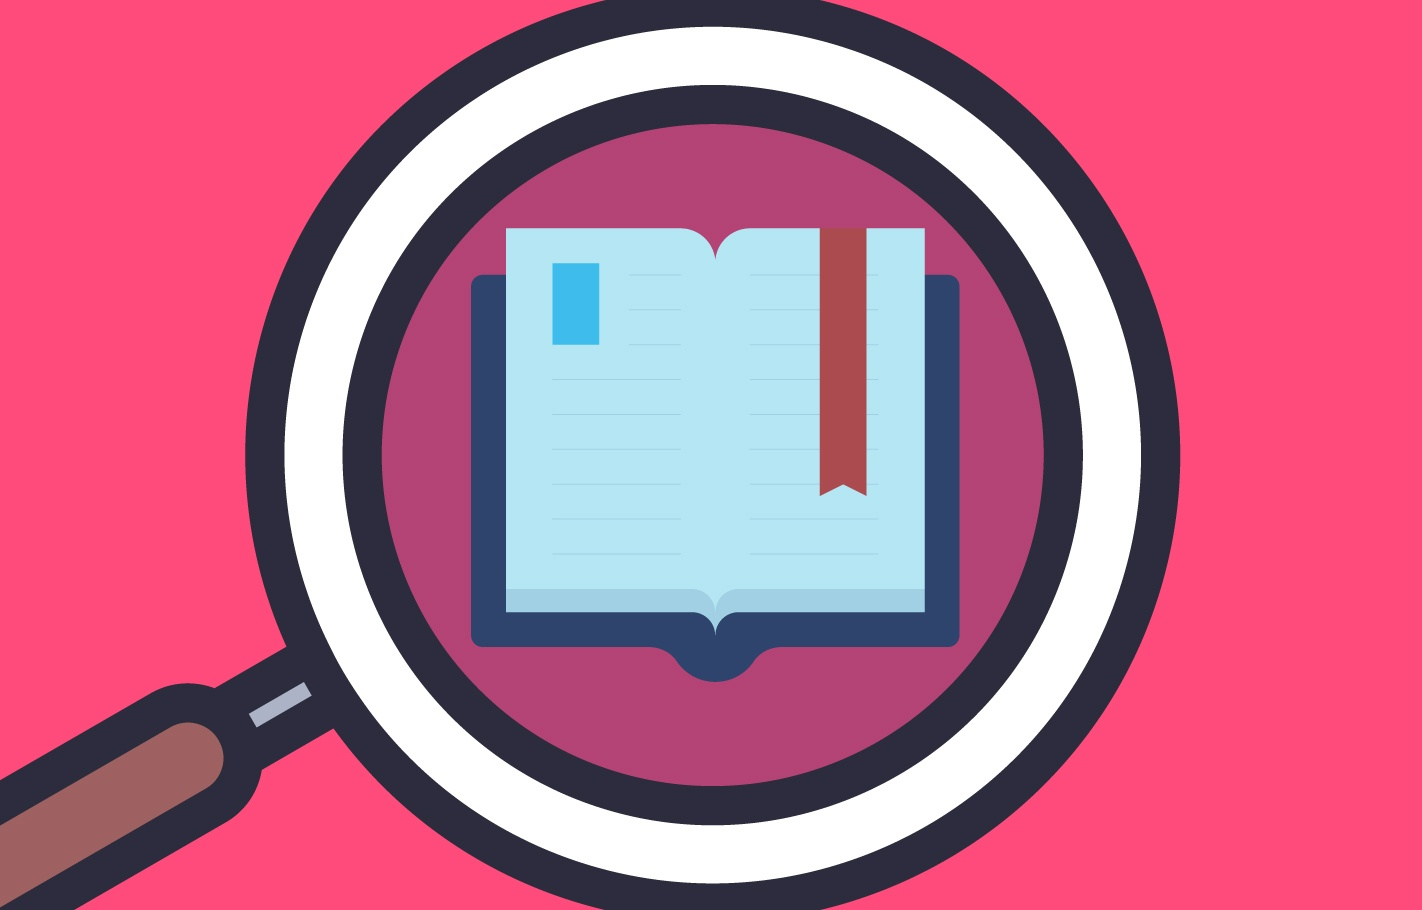 Be-An-Open-Book-Blog.jpg